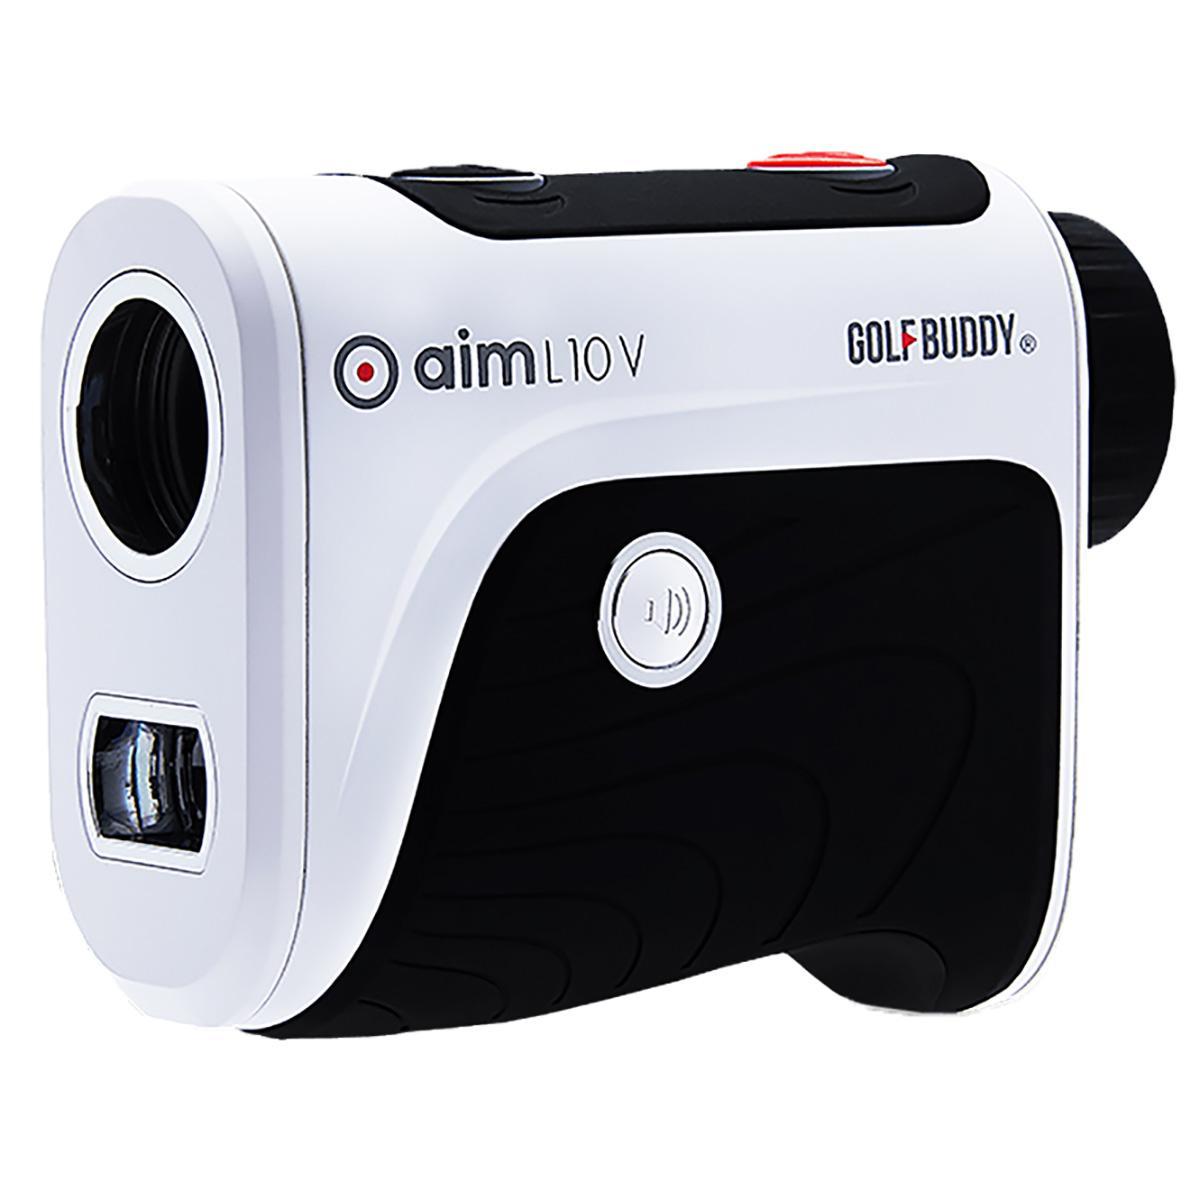 【父の日ギフト】ゴルフバディー GolfBuddy aim L10V レーザー距離計測器 音声付き